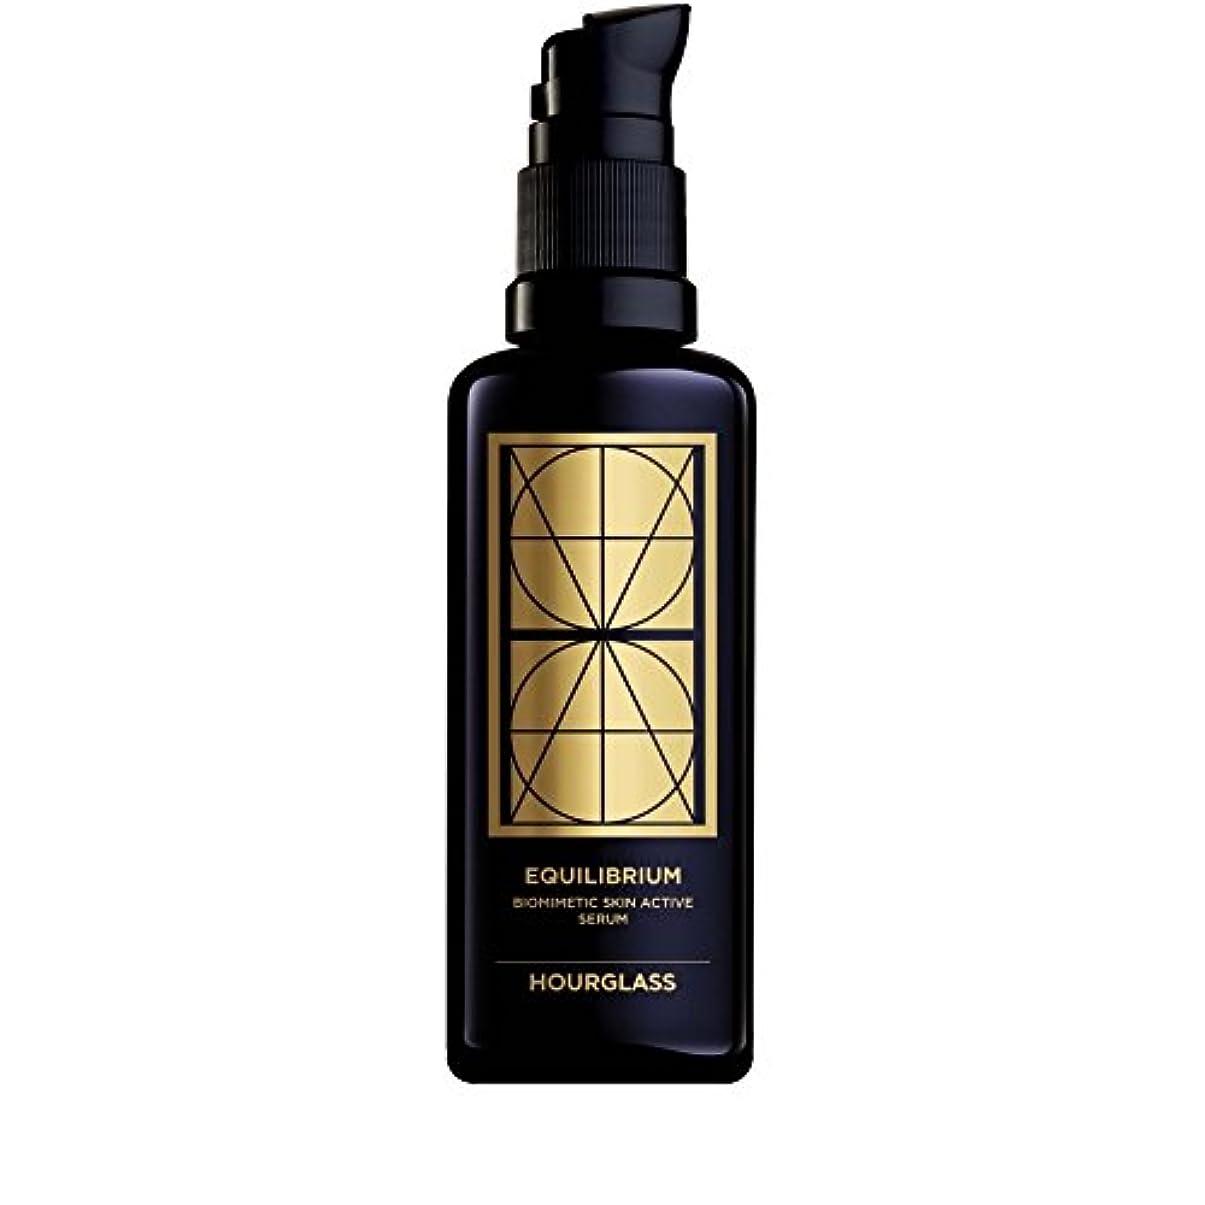 センター永続ゴルフHourglass Equilibrium Skin Active Serum 50ml - 砂時計平衡皮膚活性血清50ミリリットル [並行輸入品]